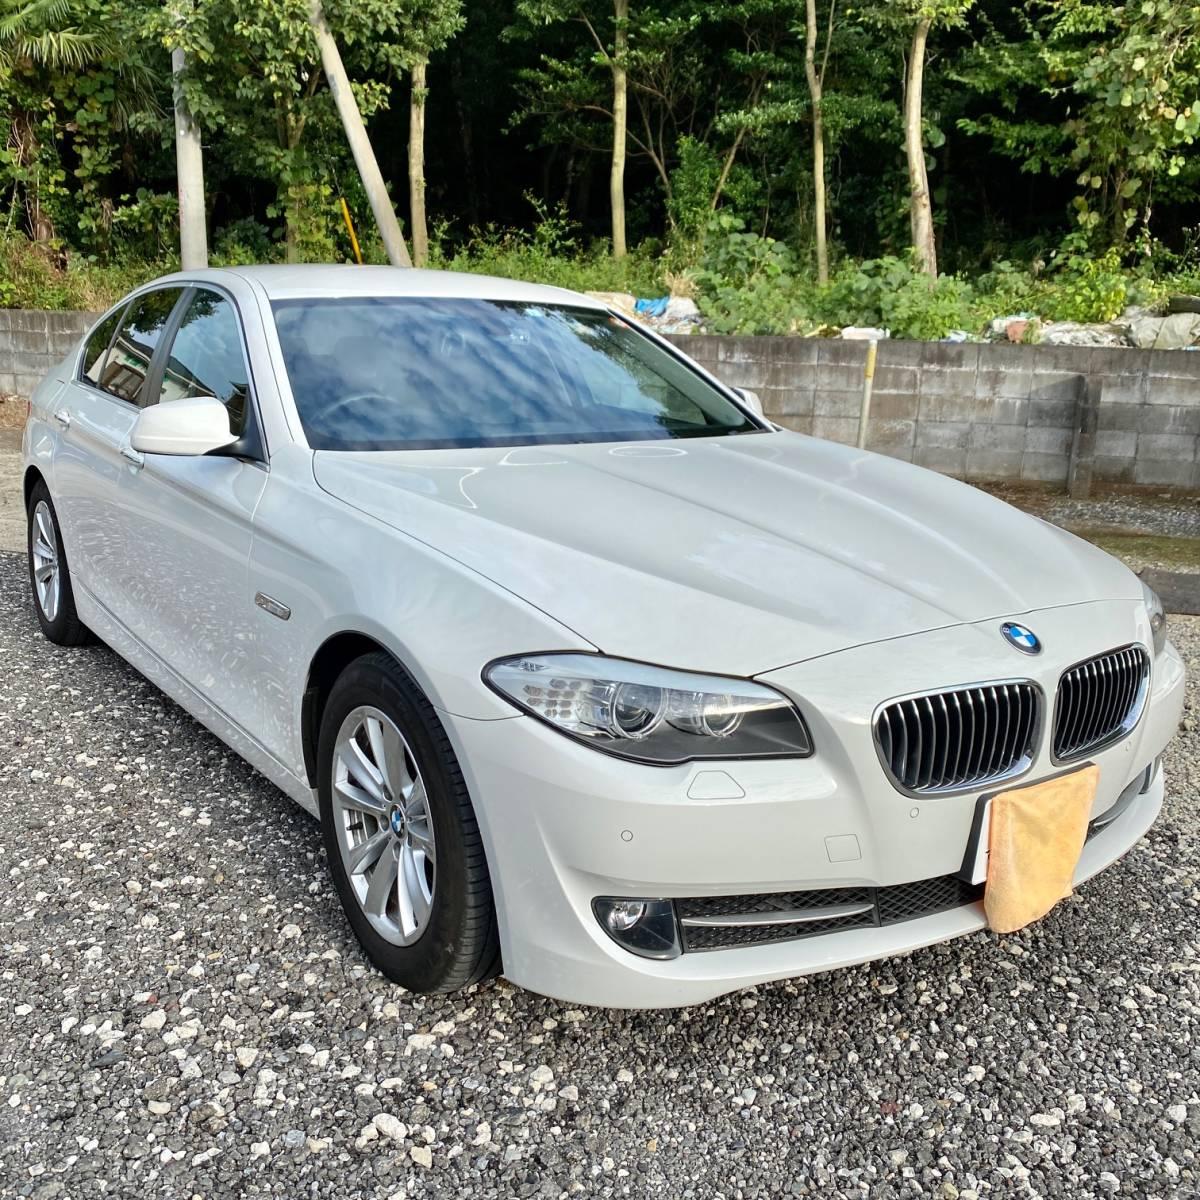 「【クリーンディーゼル】BMW☆523d☆ブルーパフォーマンス☆ハイラインPKG☆ナビ☆TV☆Bカメラ☆ETC☆レザーシート☆シートヒーター☆」の画像1